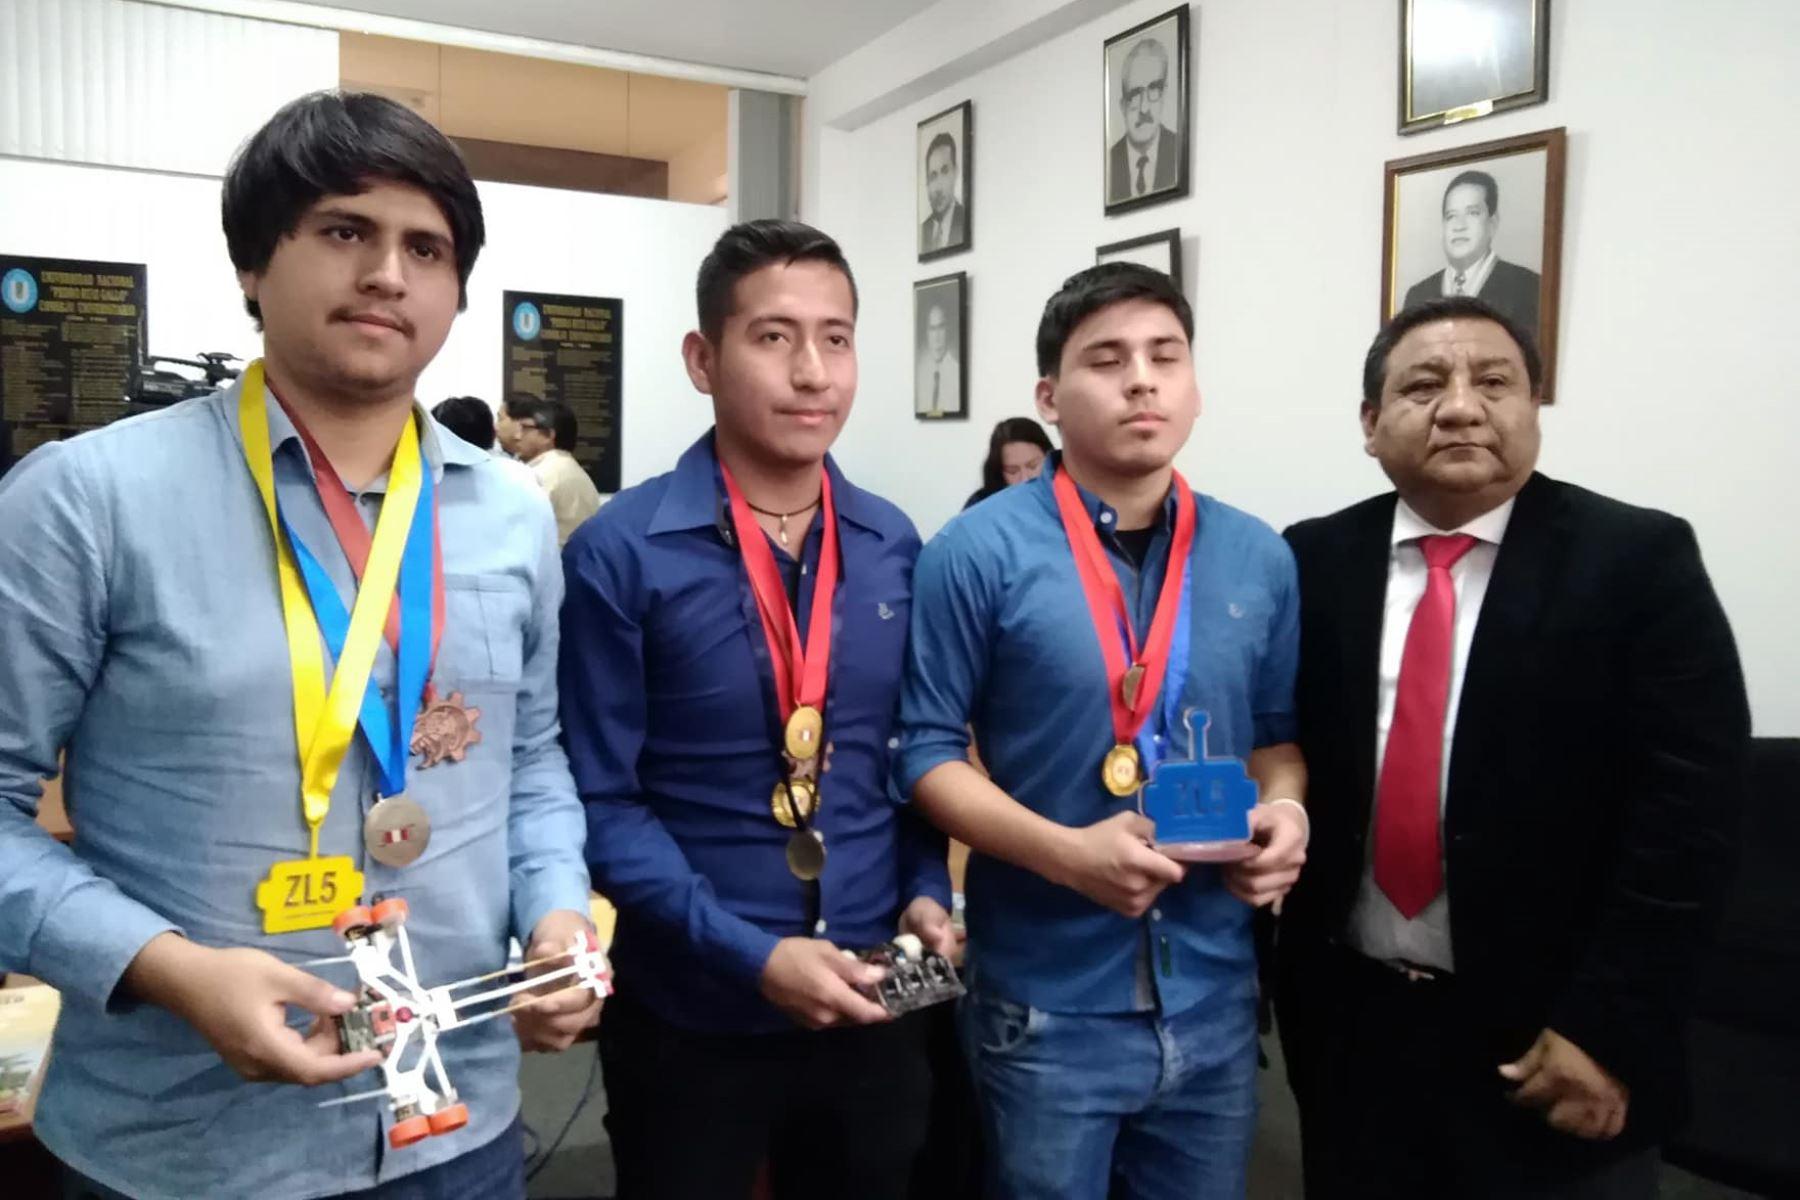 Estudiantes de Lambayeque ganan concurso de robótica en Ecuador. ANDINA